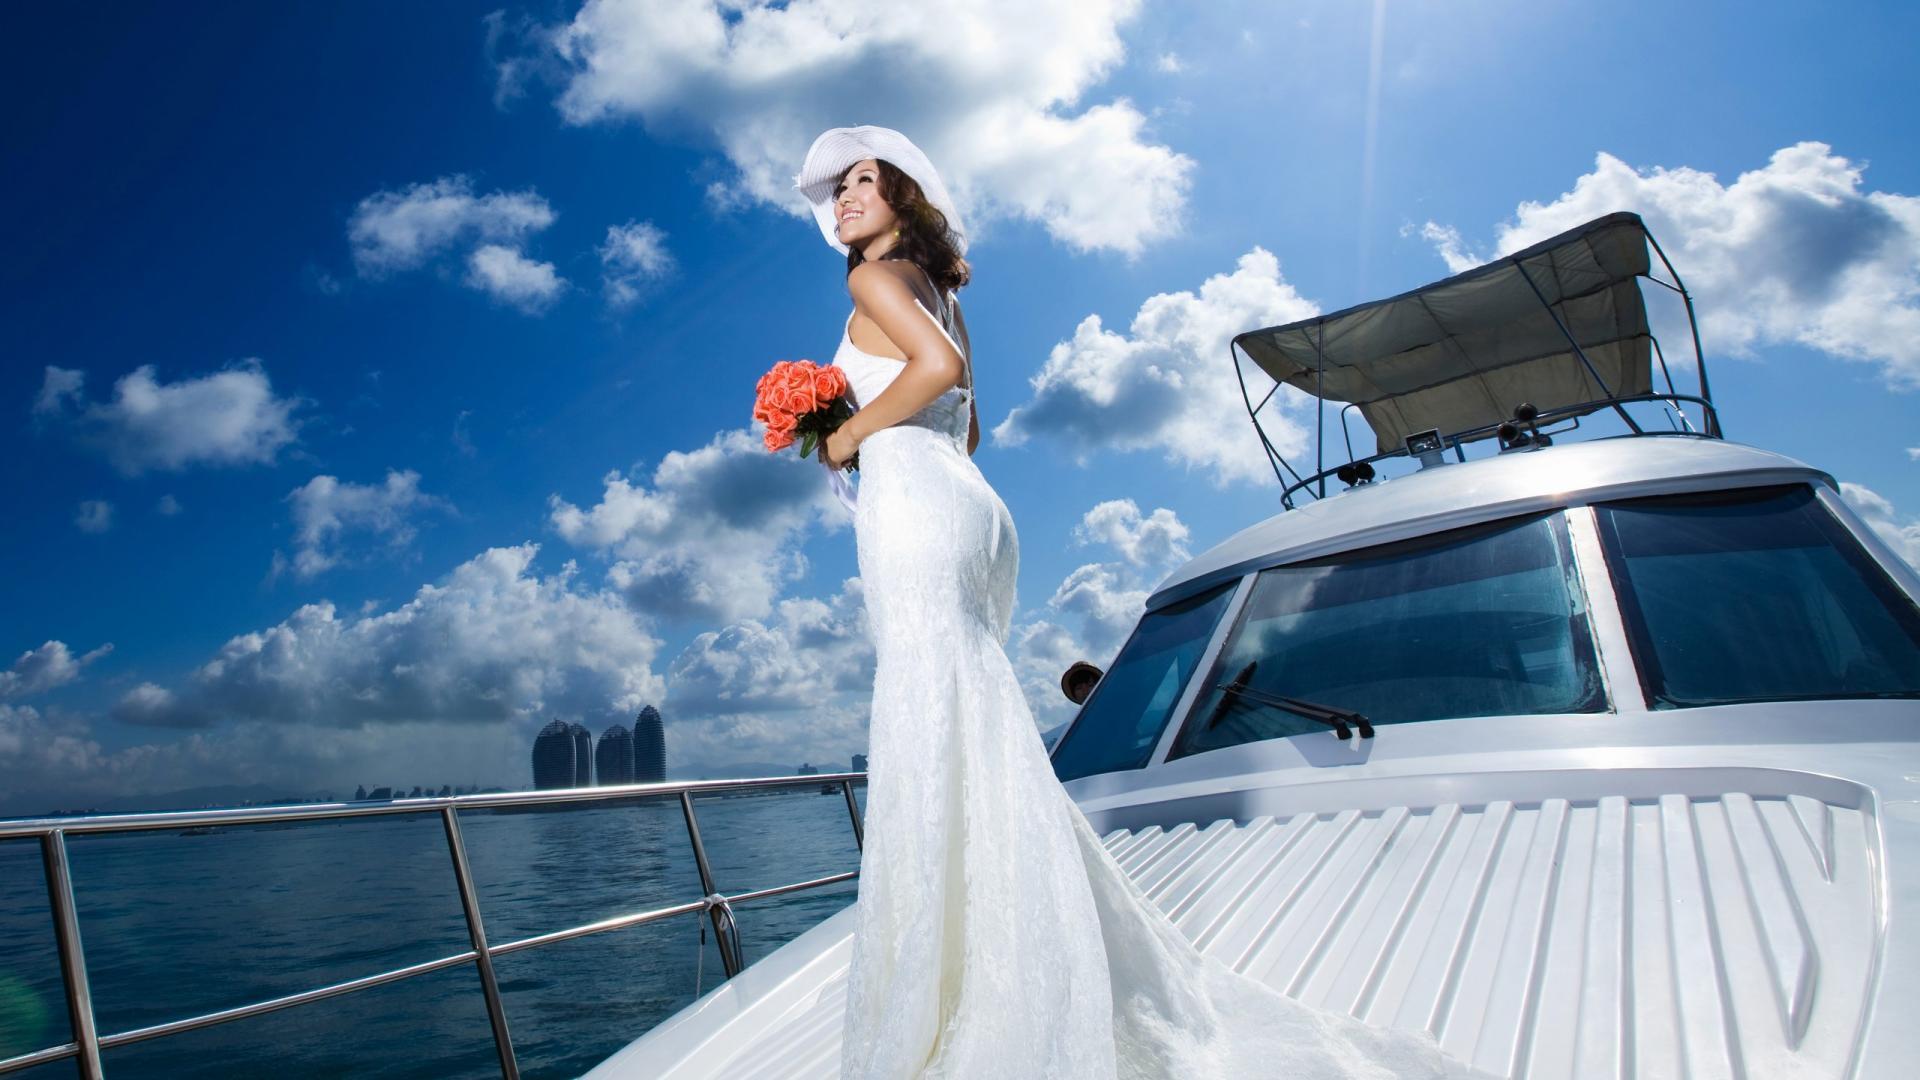 Matrimonio In Yacht : Matrimonio in barca gf regardsdefemmes